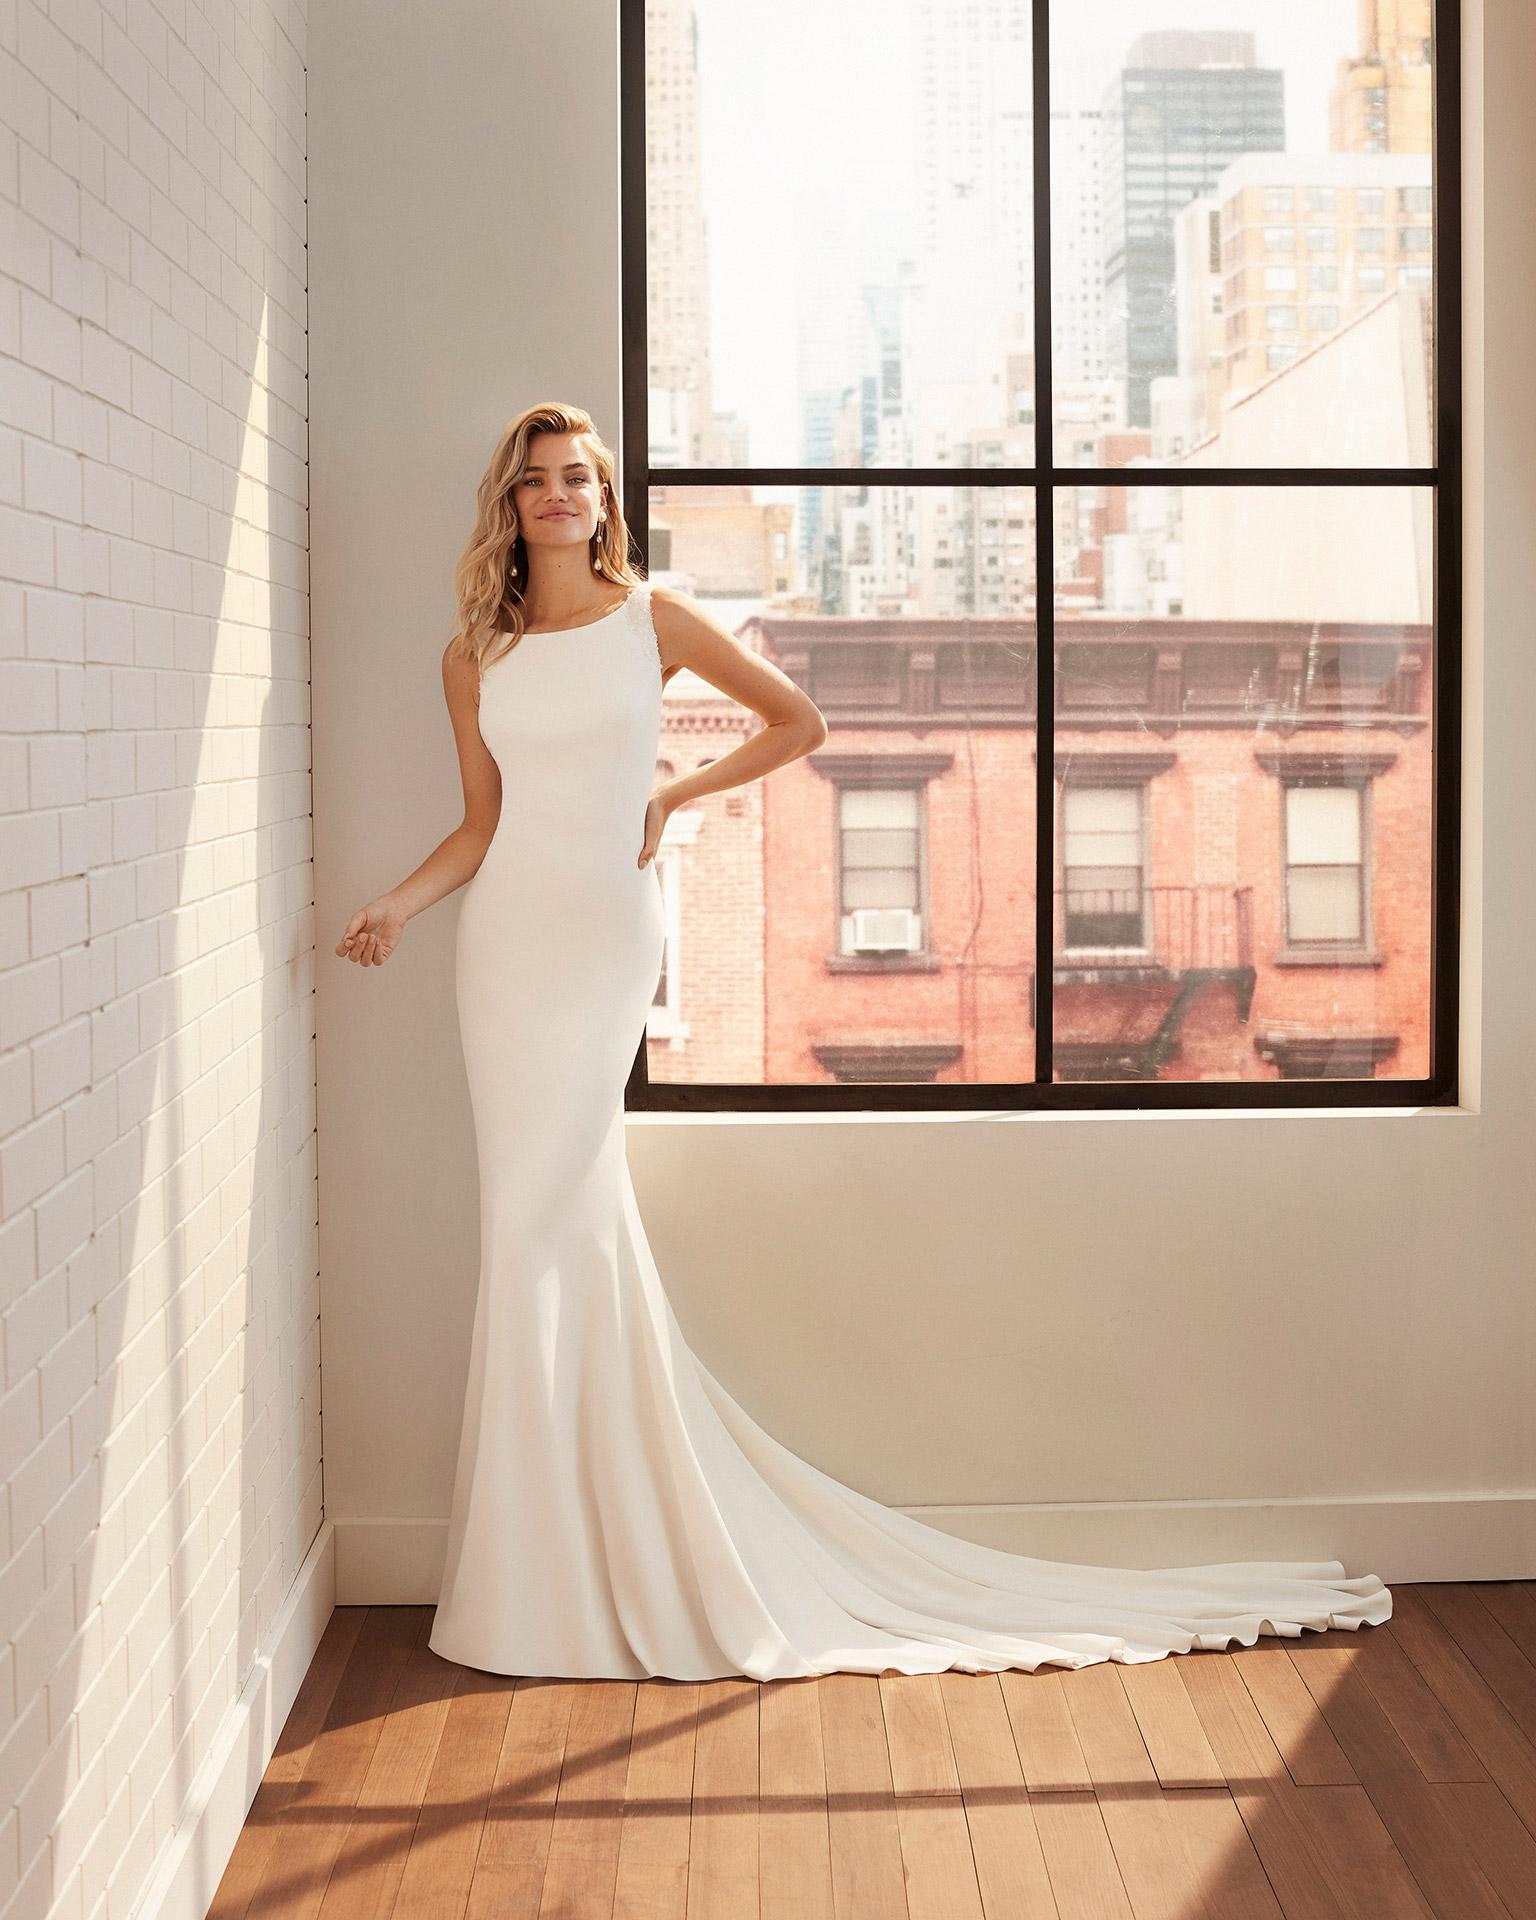 Vestido de novia corte sirena de crep elástico y pedrería con escote barco y espalda cuadrada. Colección  2020.